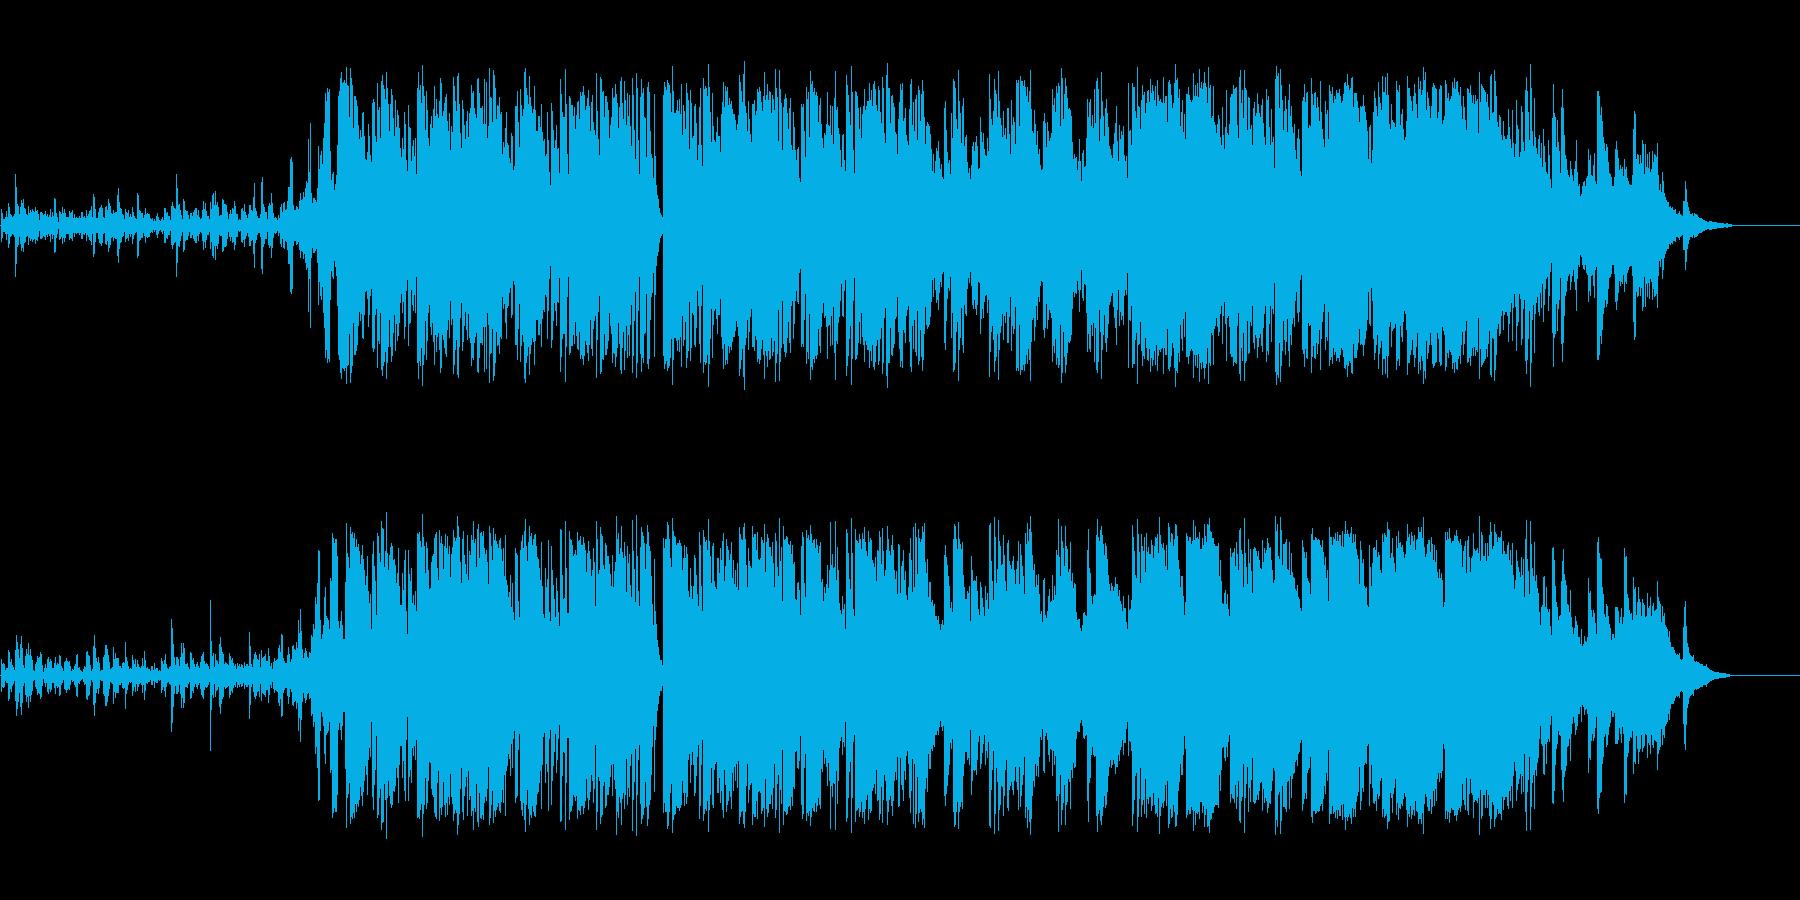 ミステリアス、ダークでかっこいいBGMの再生済みの波形